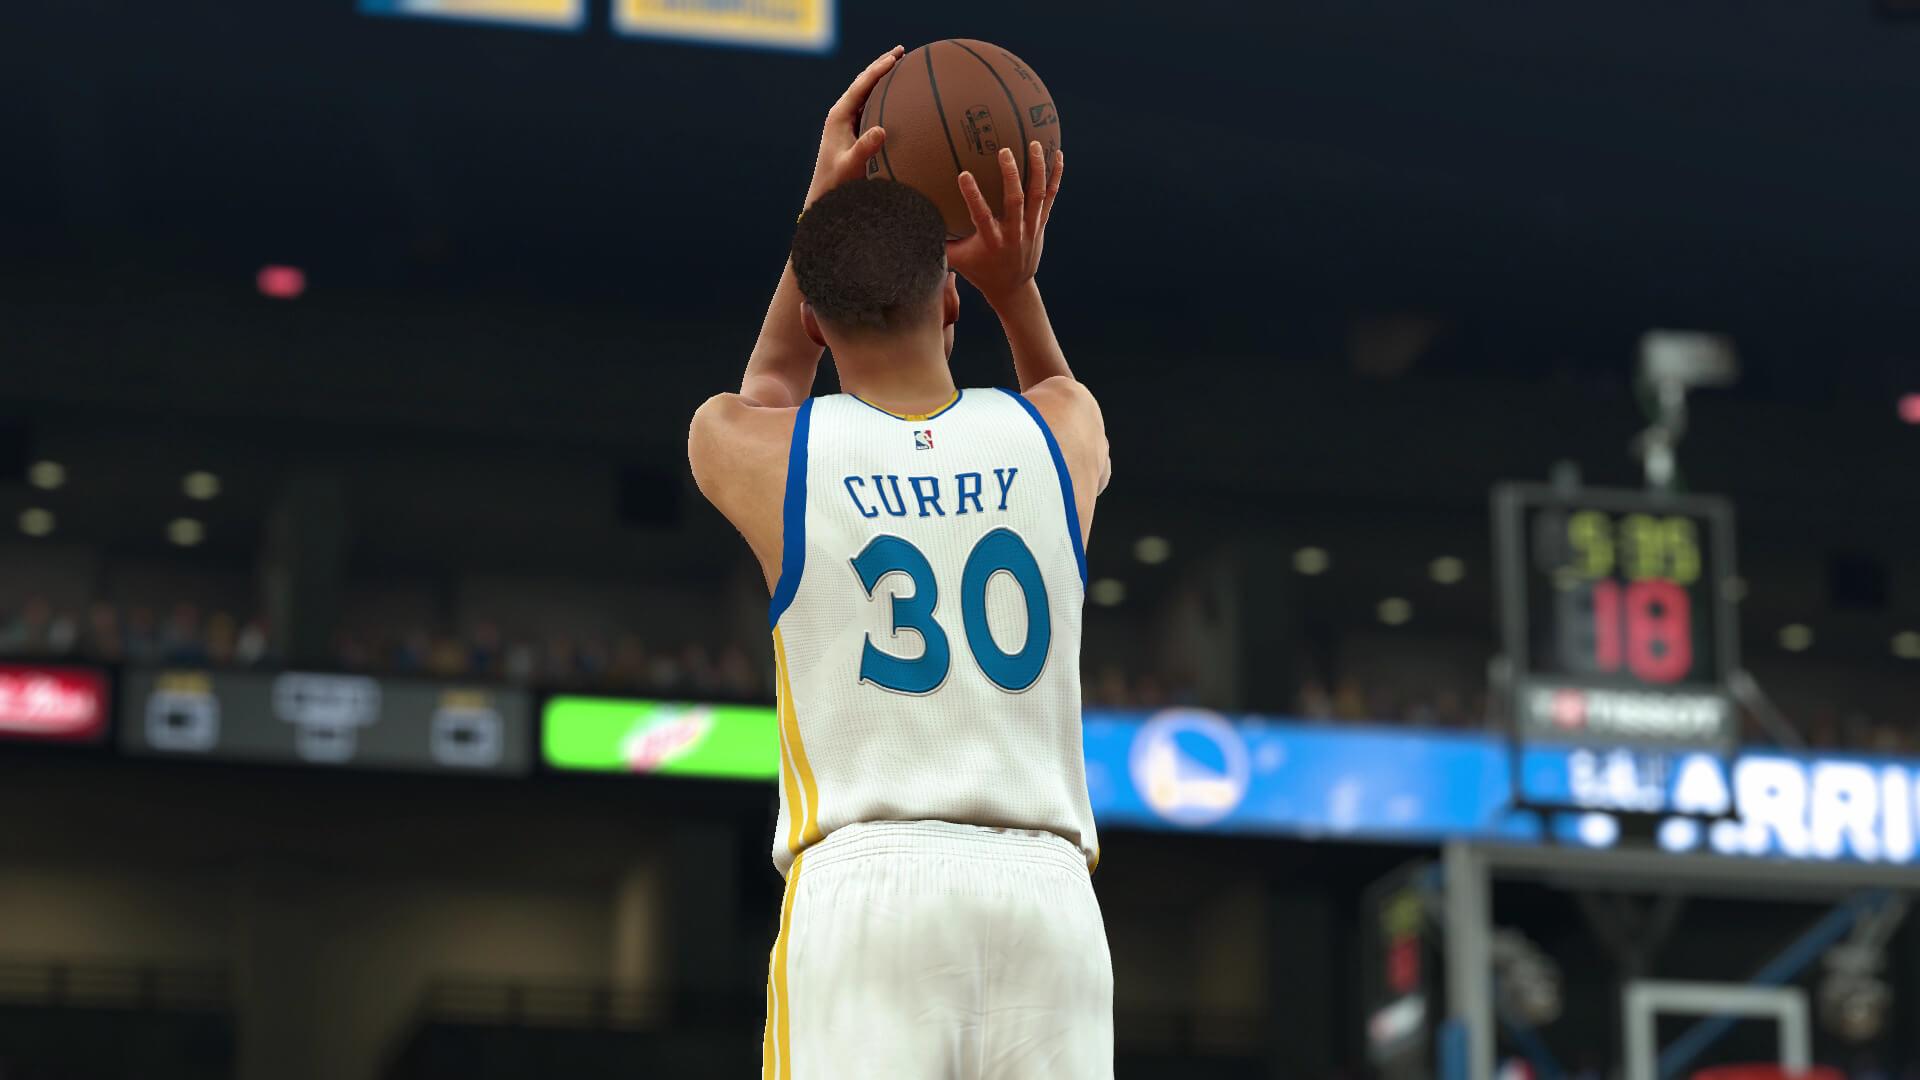 Новая часть NBA 2K17 не смогла удивить, но определенно порадовала